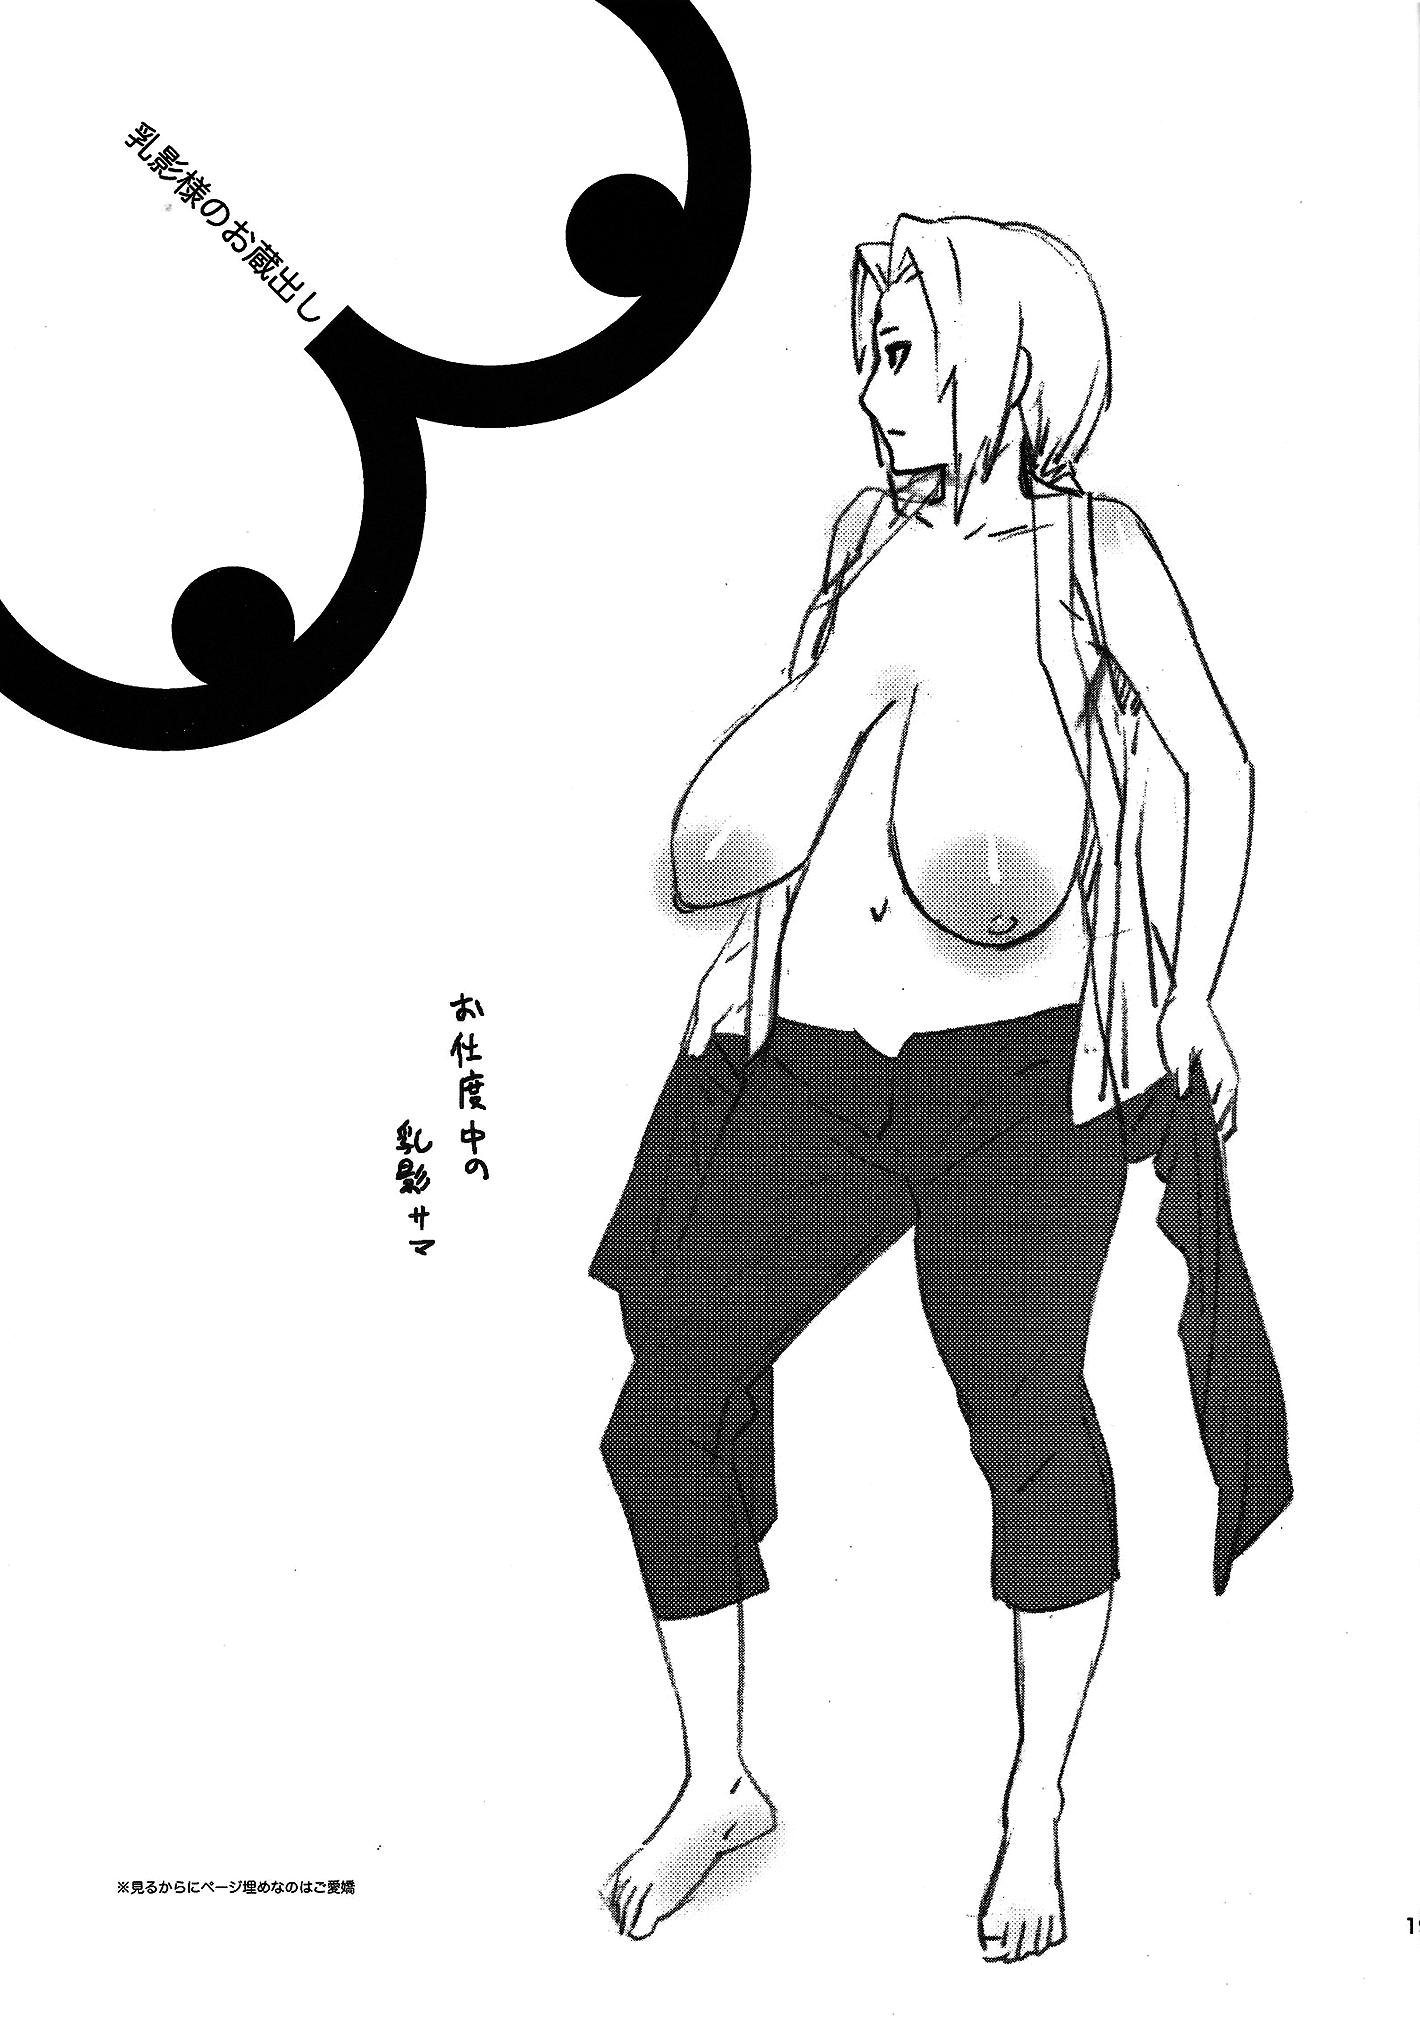 Naruto chichikage hanjouki - 3 part 6